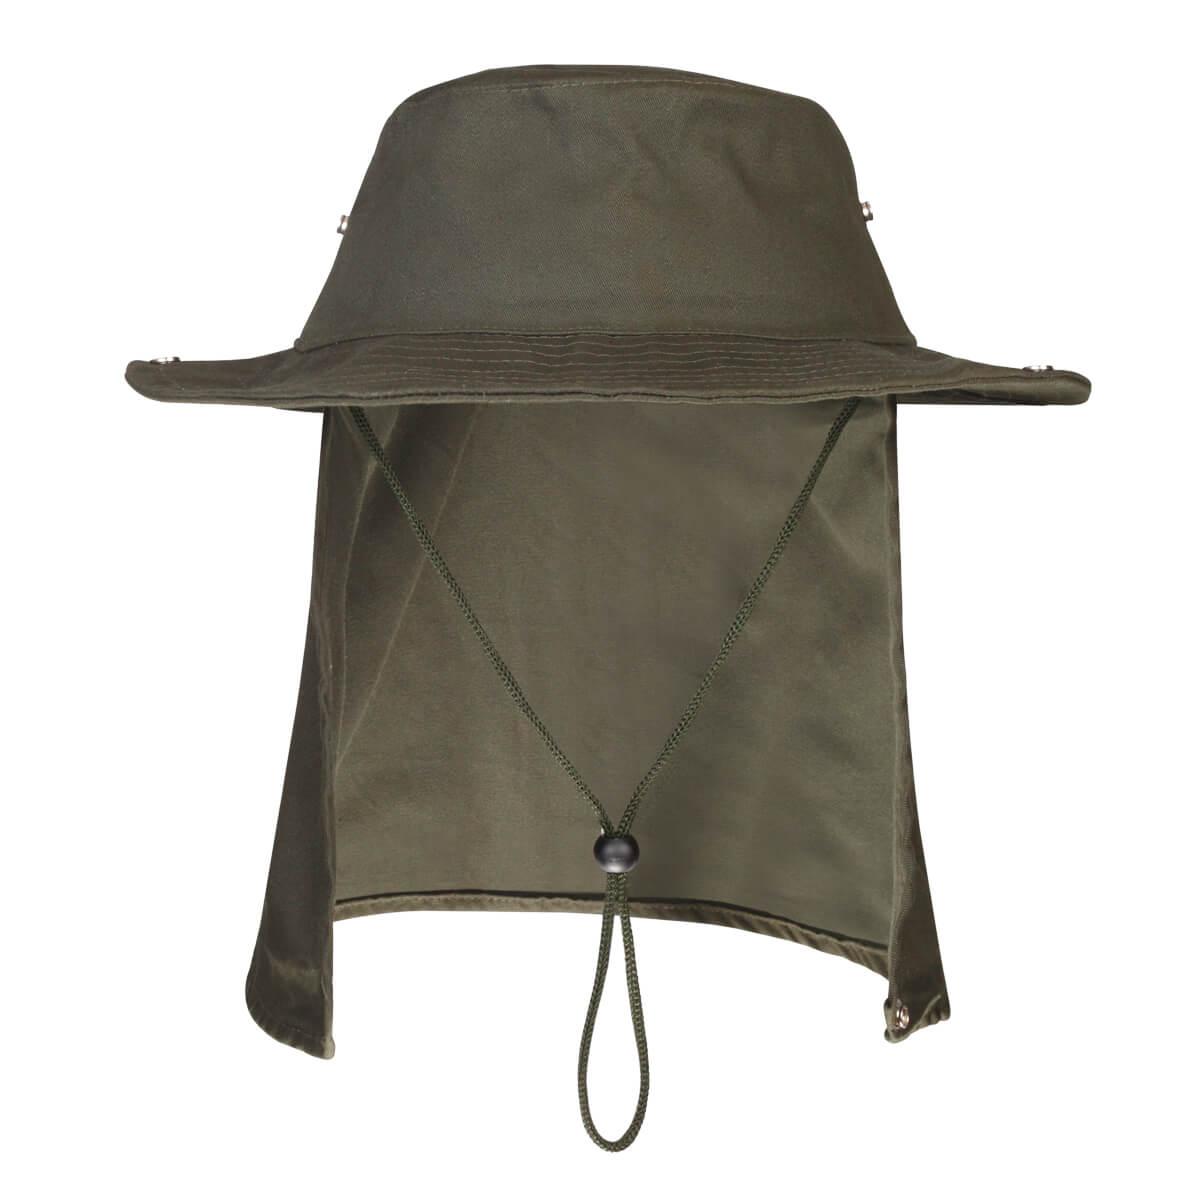 Chapéu C/ Proteção De Pescoço Jogá  - Pró Pesca Shop